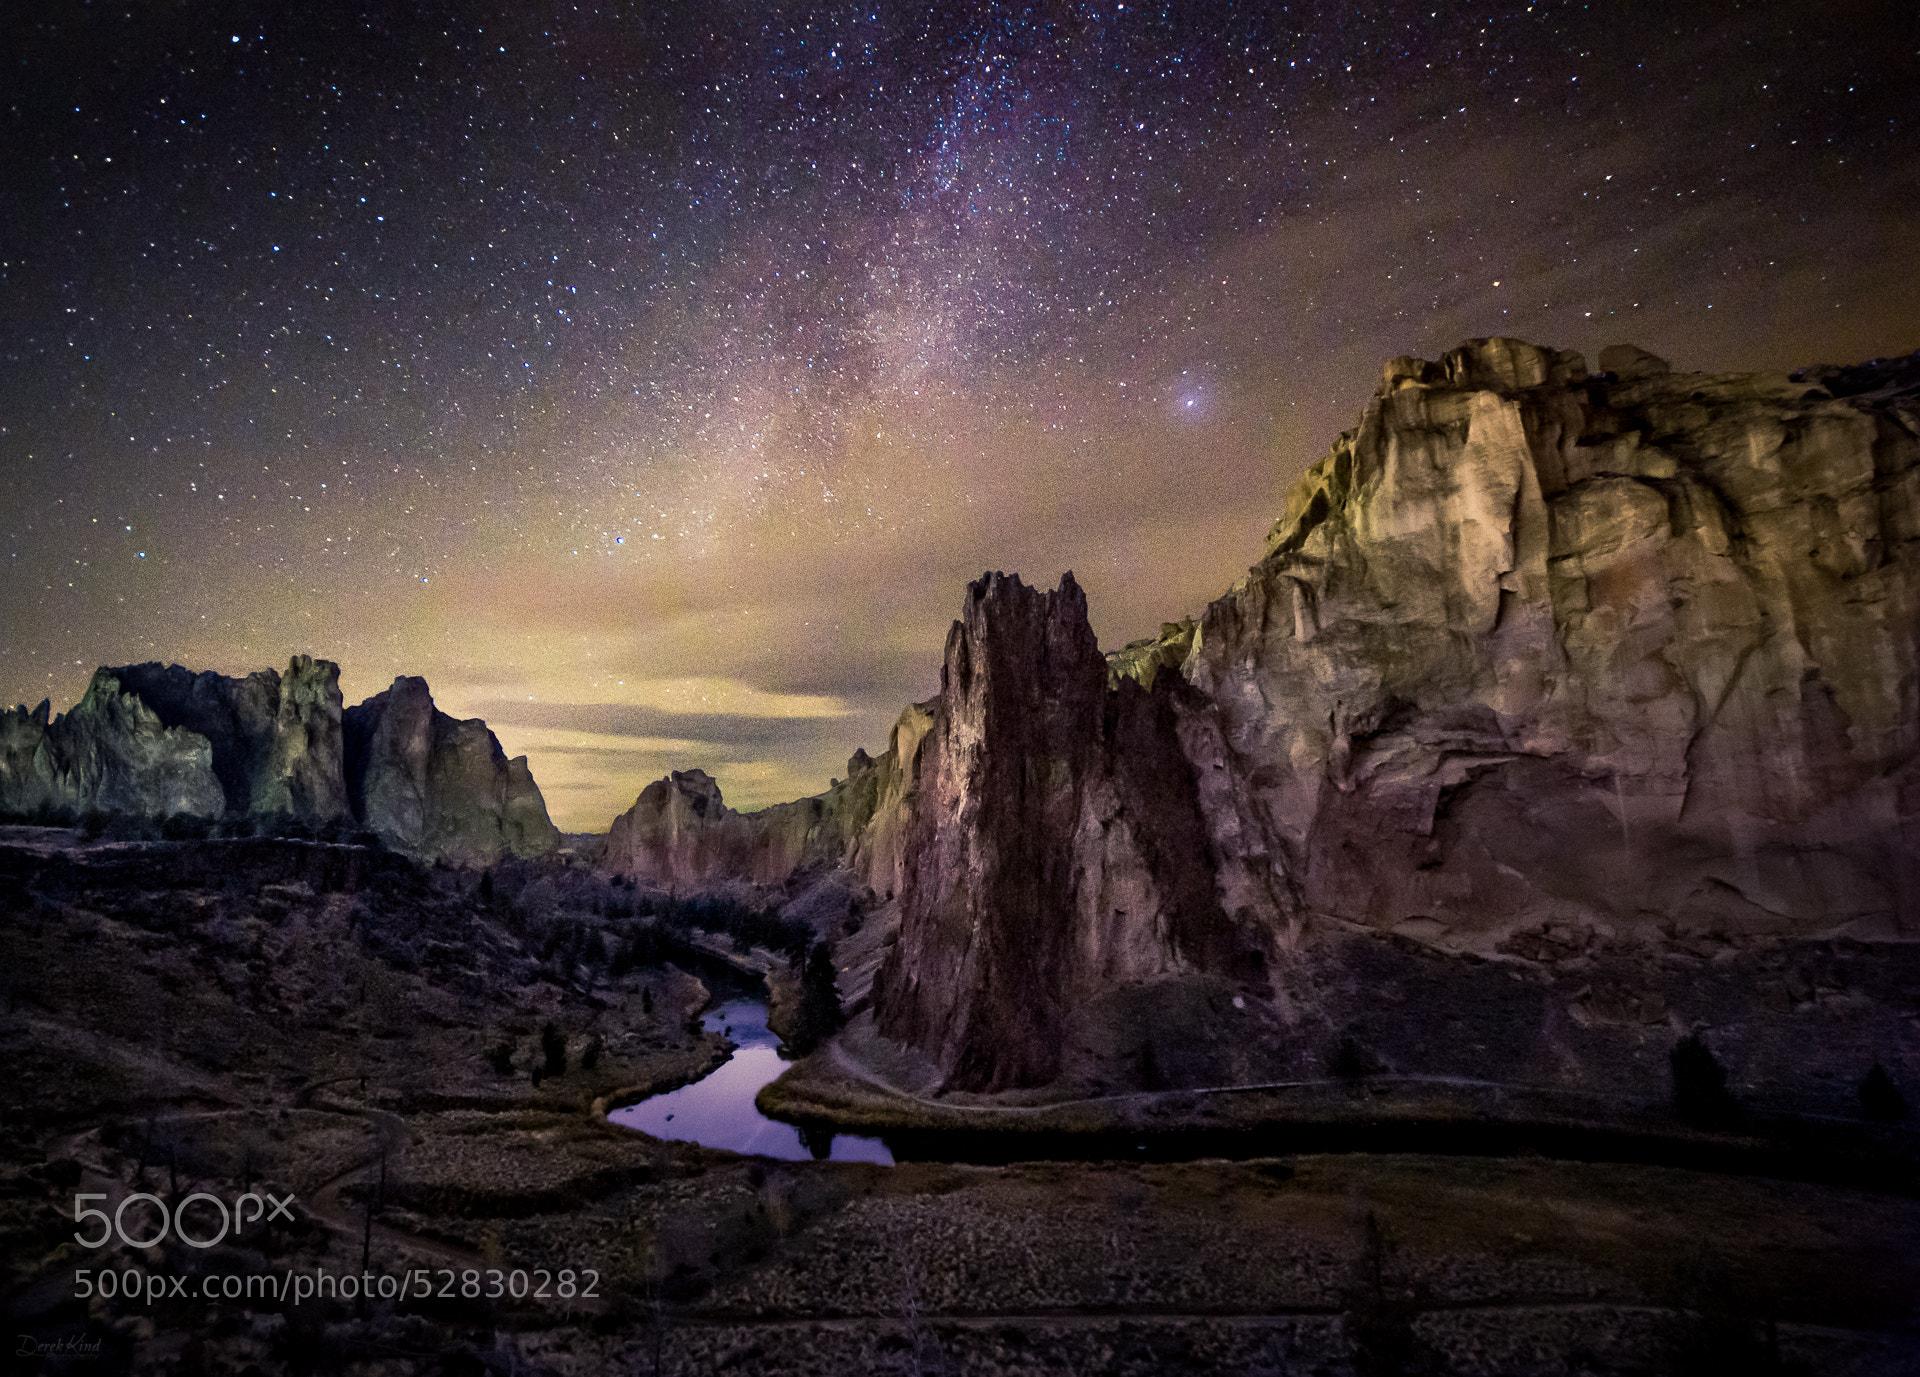 Photograph Starlit Wonder by Derek Kind on 500px